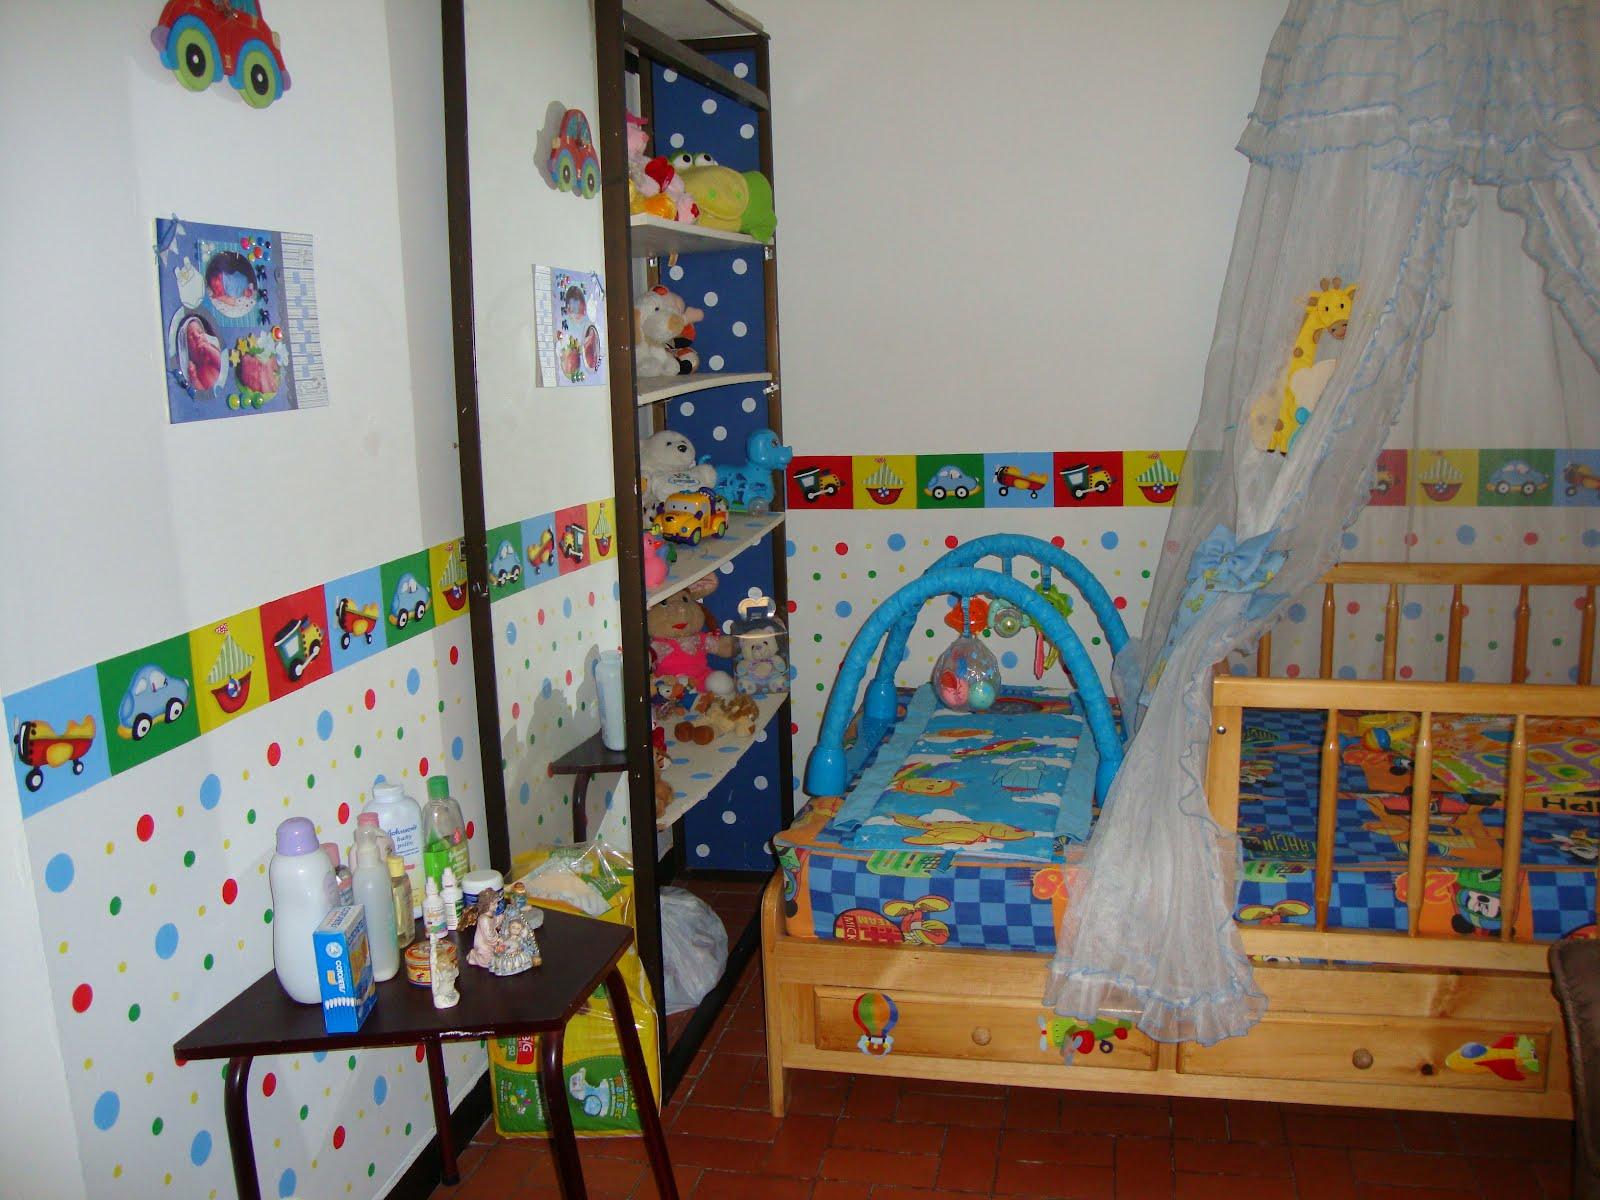 Creaciones lay decoraci n cuarto ni o - Cuarto de ninos decoracion ...